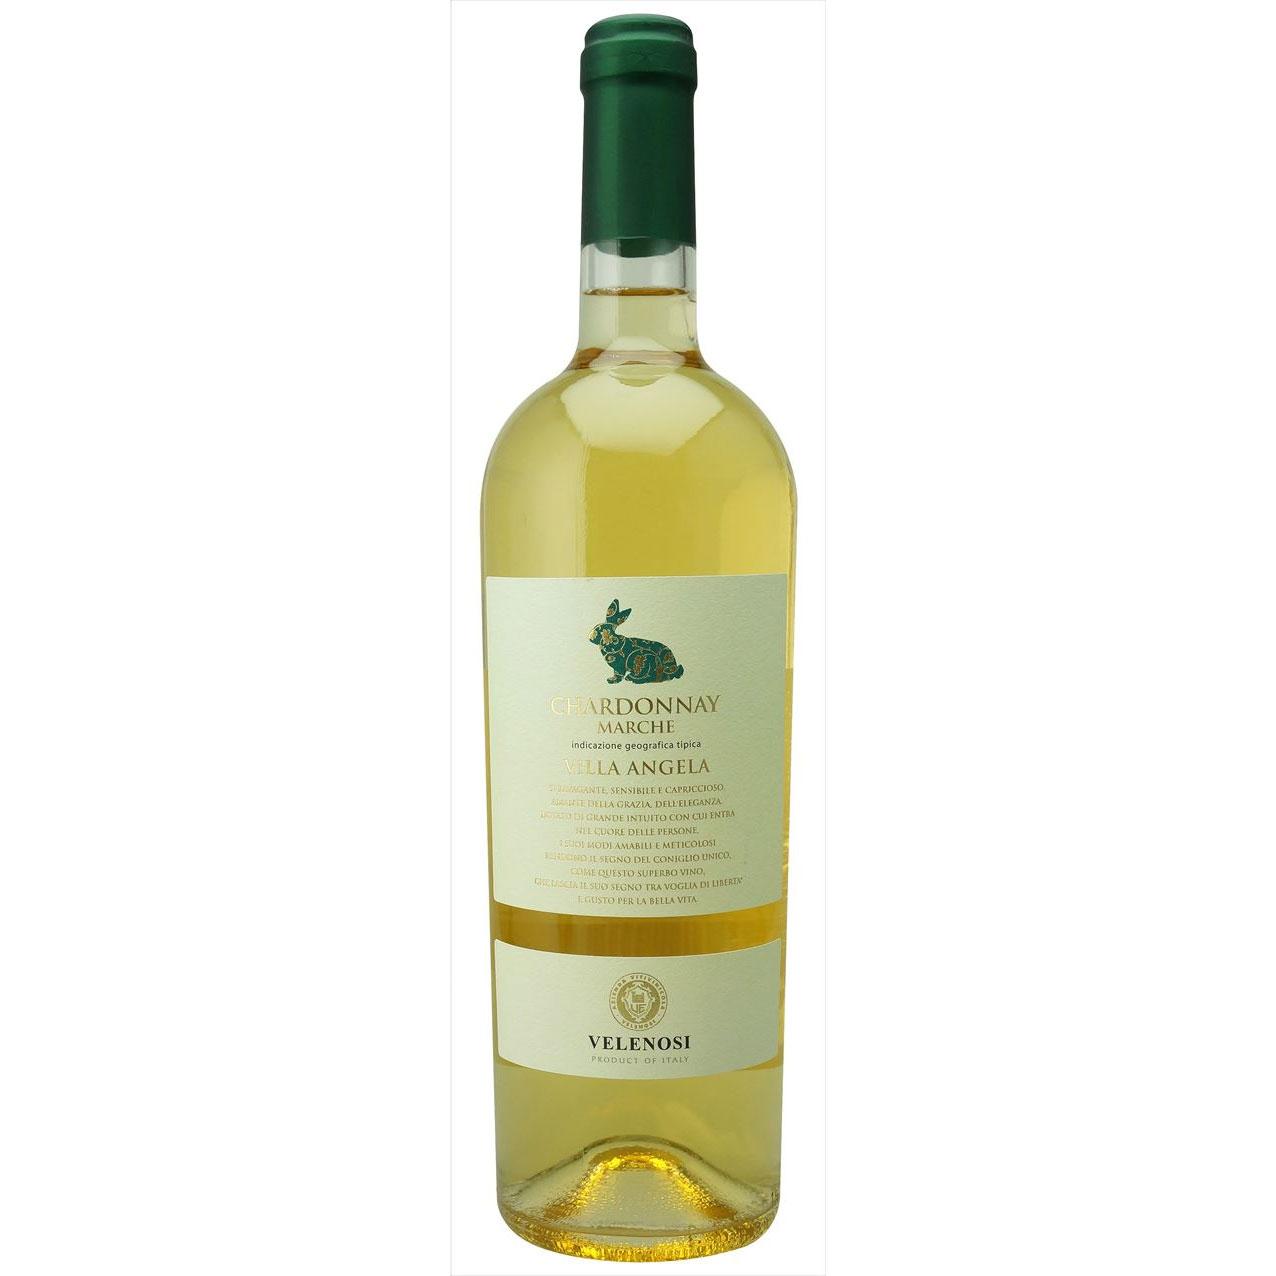 【ラッキーシール対応】母の日 ギフト ヴィッラ アンジェラ シャルドネ ヴェレノージ 白 750ml 12本 イタリア マルケ 白ワイン 送料無料 コンビニ受取対応商品 ヴィンテージ管理しておりません、変わる場合があります